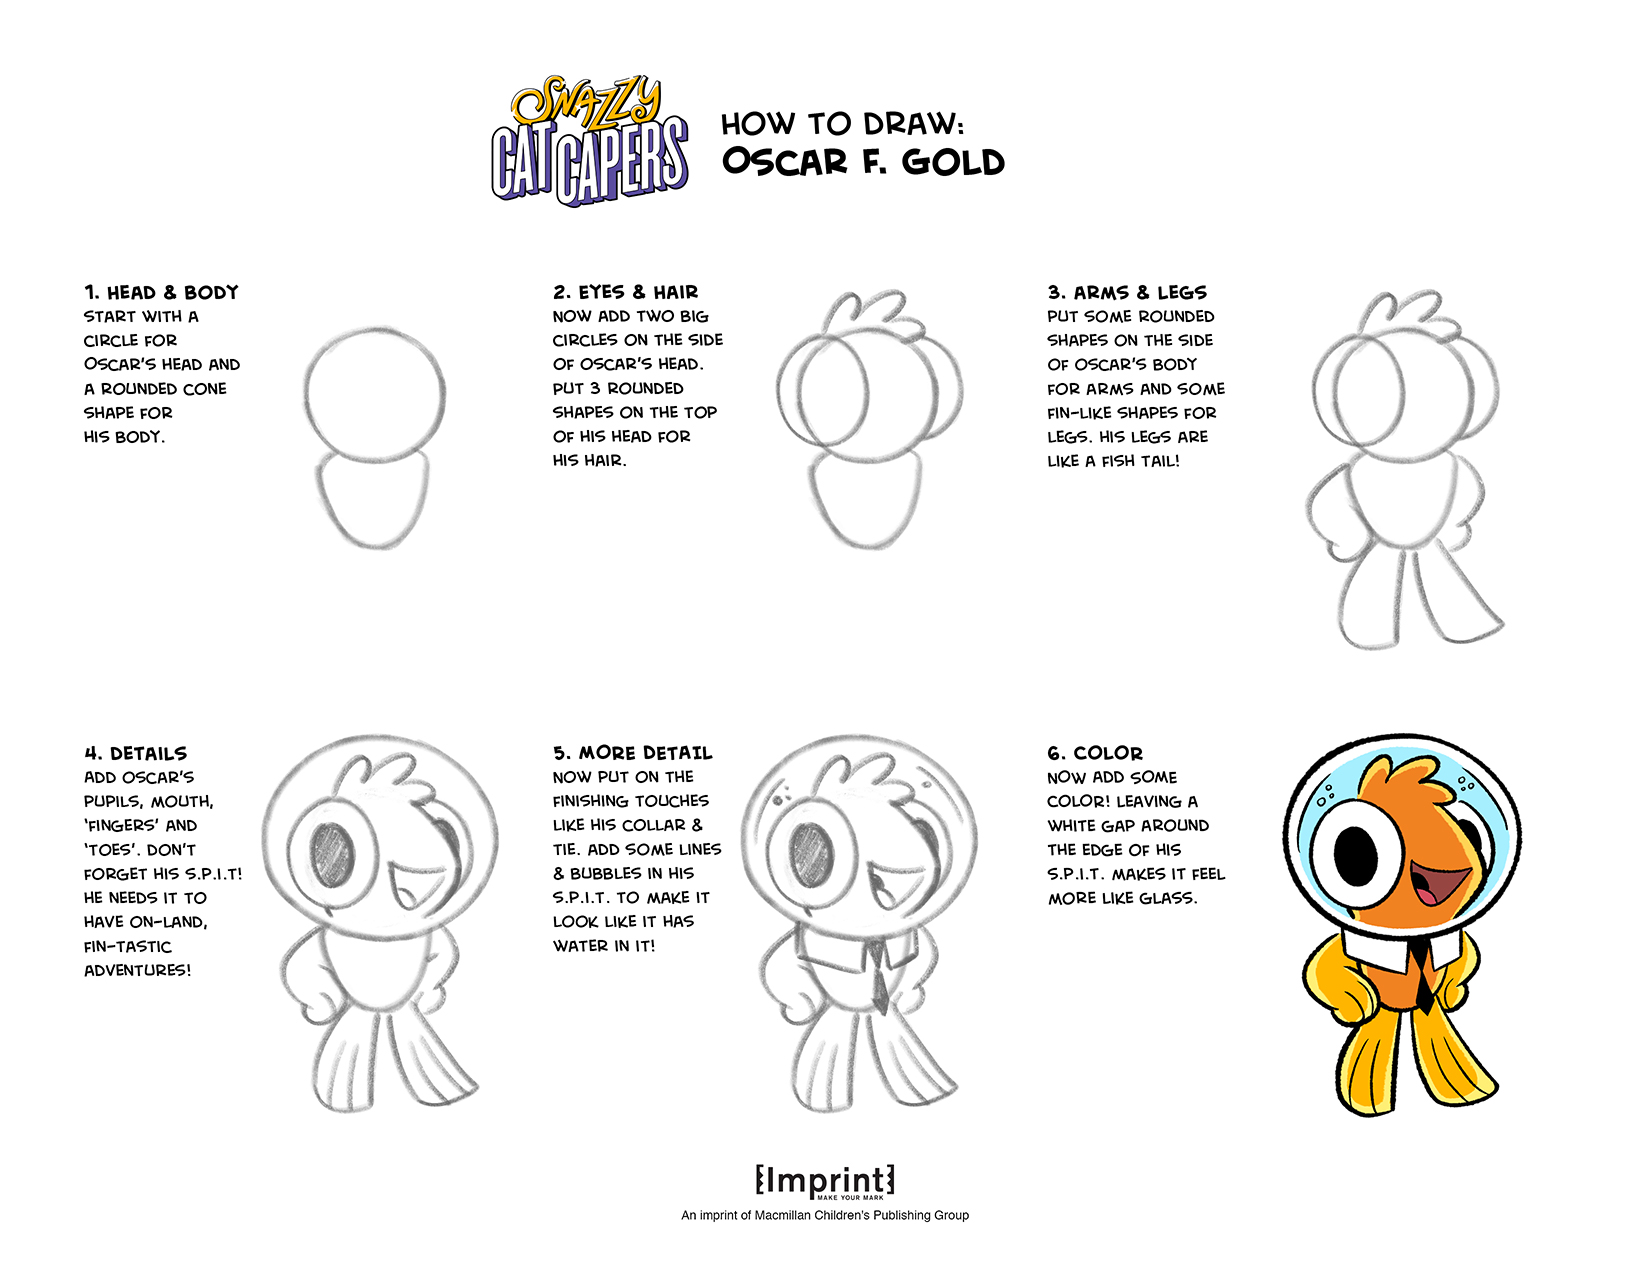 How_To_Draw_Oscar-150dpi.jpg